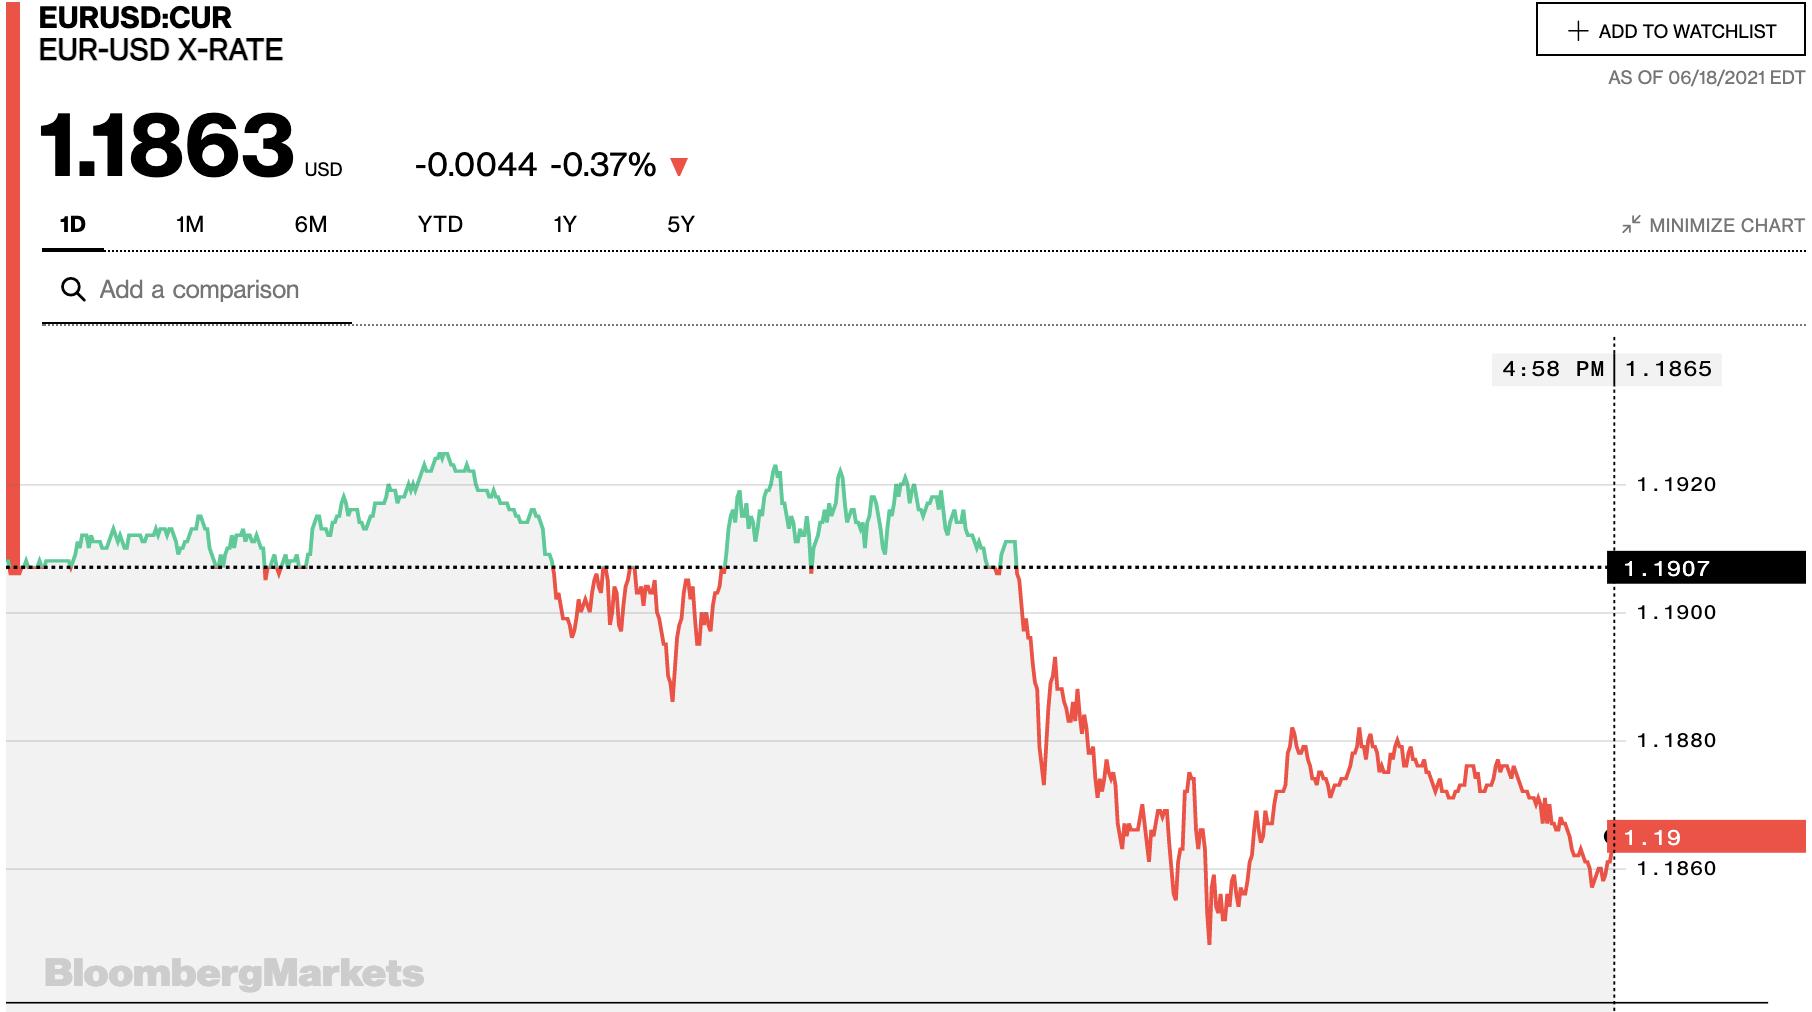 Tỷ giá euro hôm nay 19/6: Thị trường chợ đen không đổi trong khi các ngân hàng biến động trái chiều - Ảnh 2.